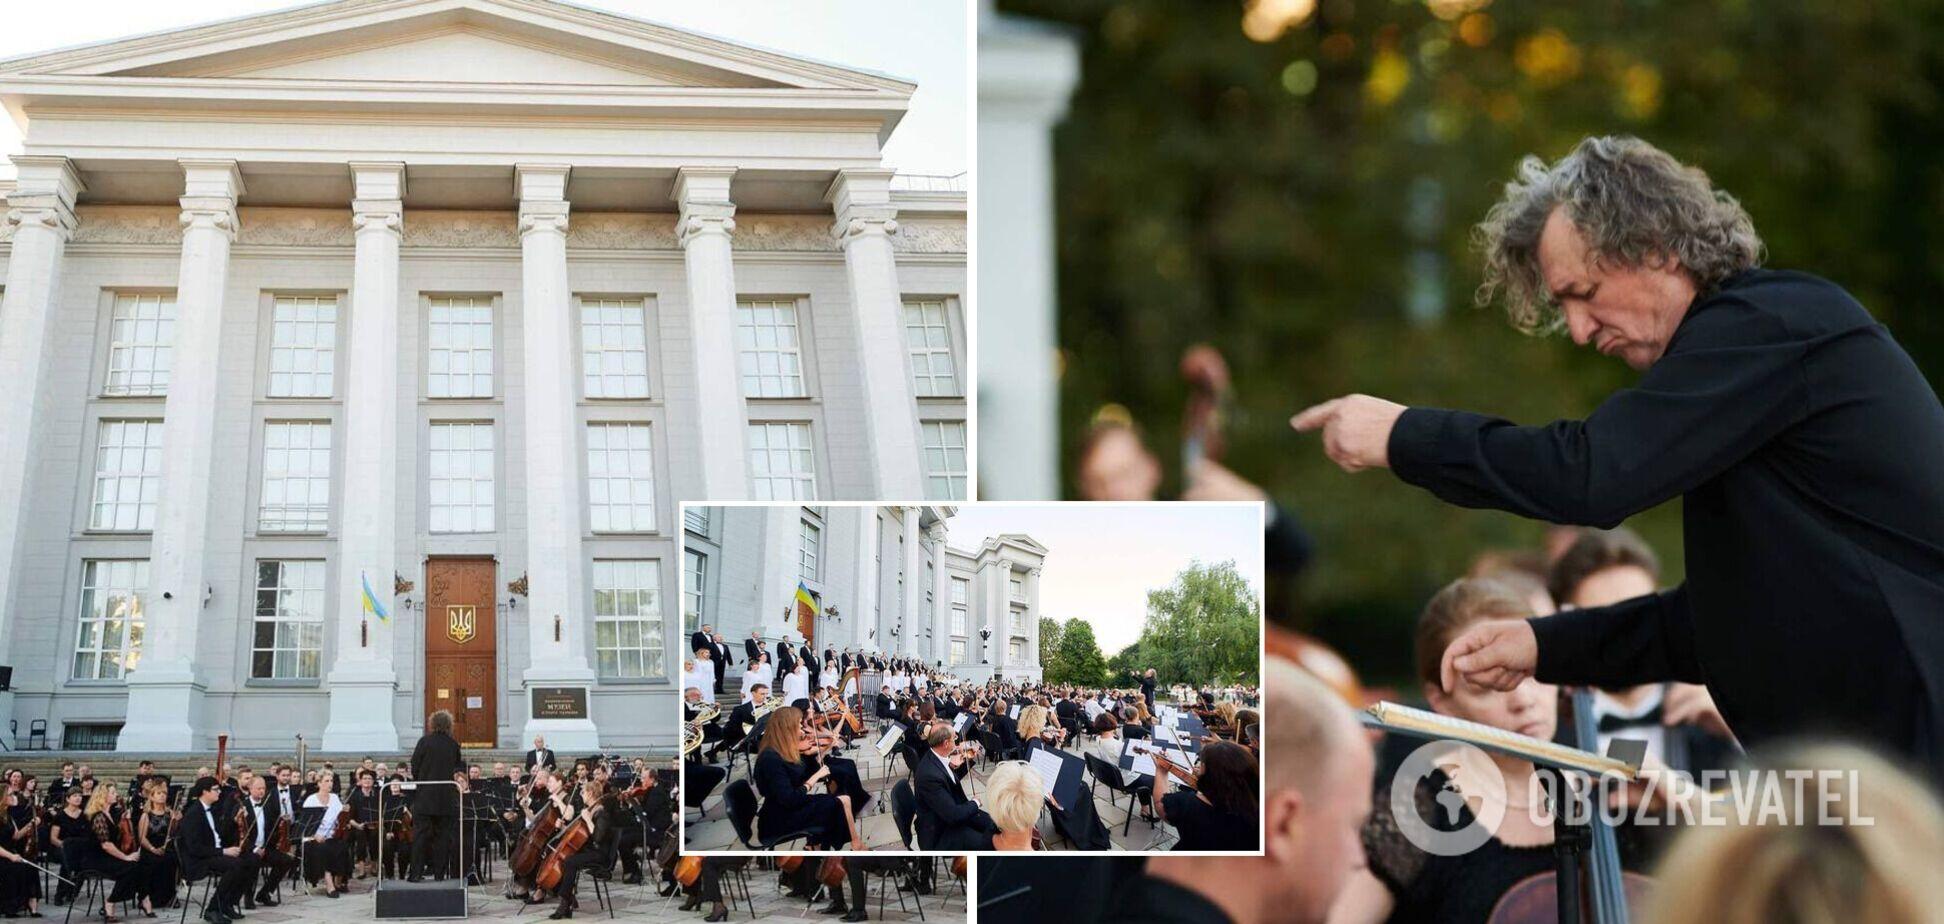 Во дворе Национального музея истории Украины в Киеве состоится концерт-финал всеукраинского композиторского конкурса 'Украинская концертная увертюра'